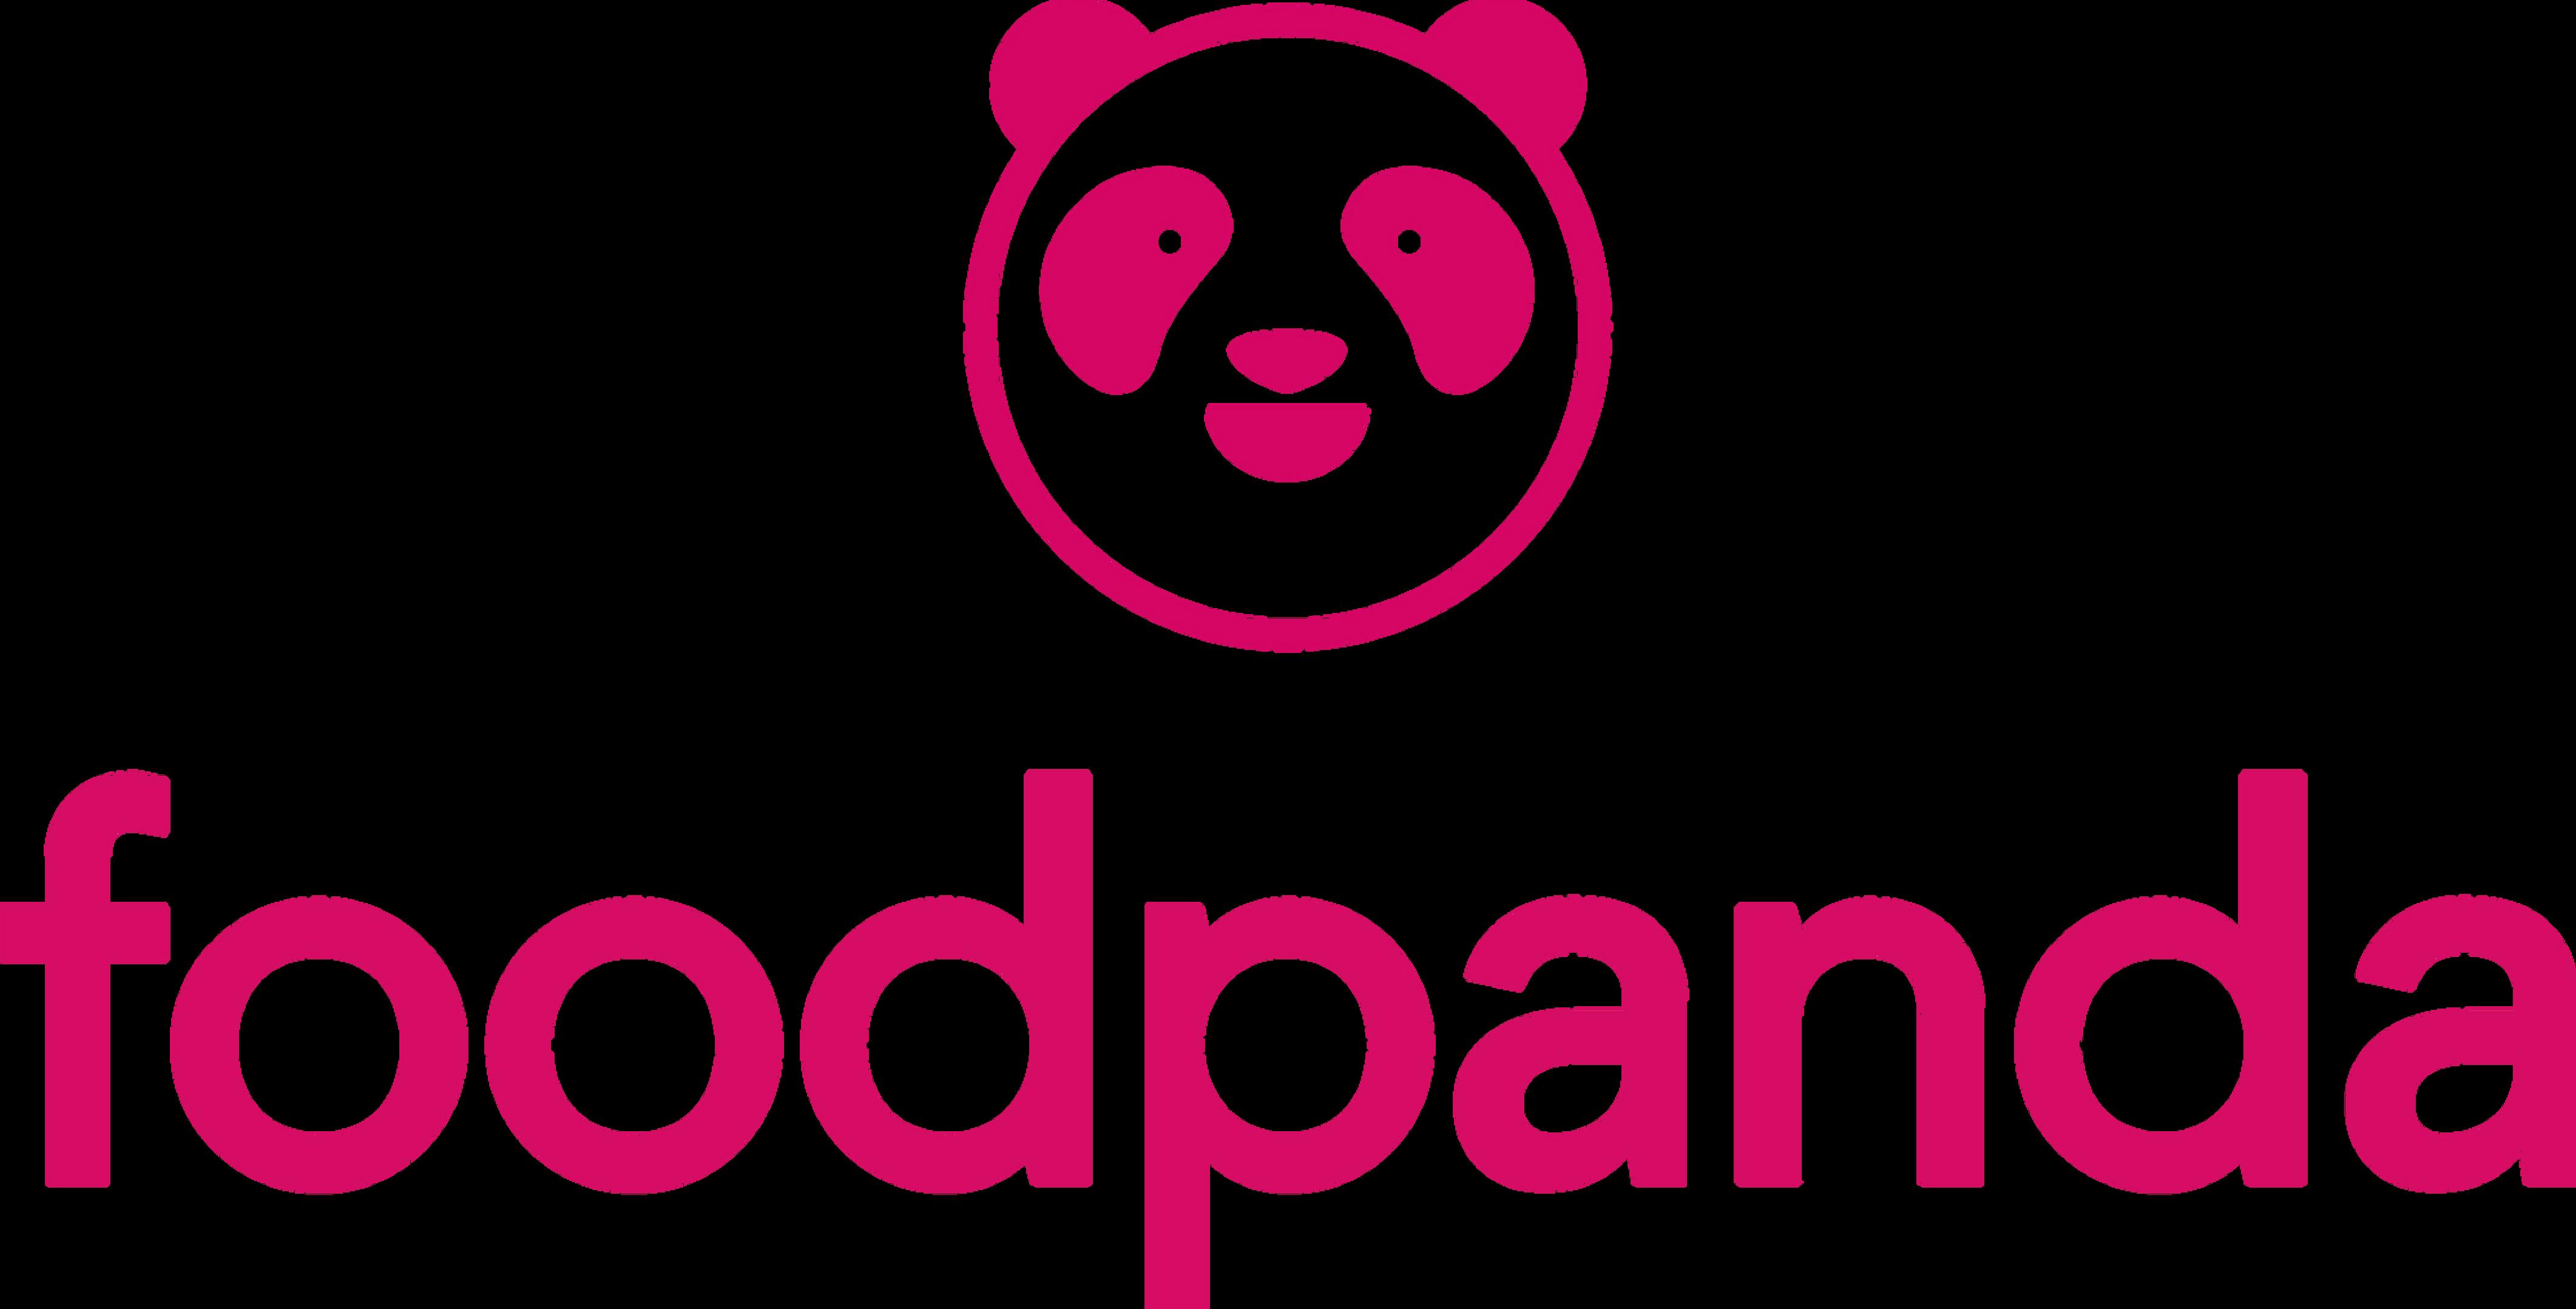 Delivery | Join foodpanda | Hong Kong